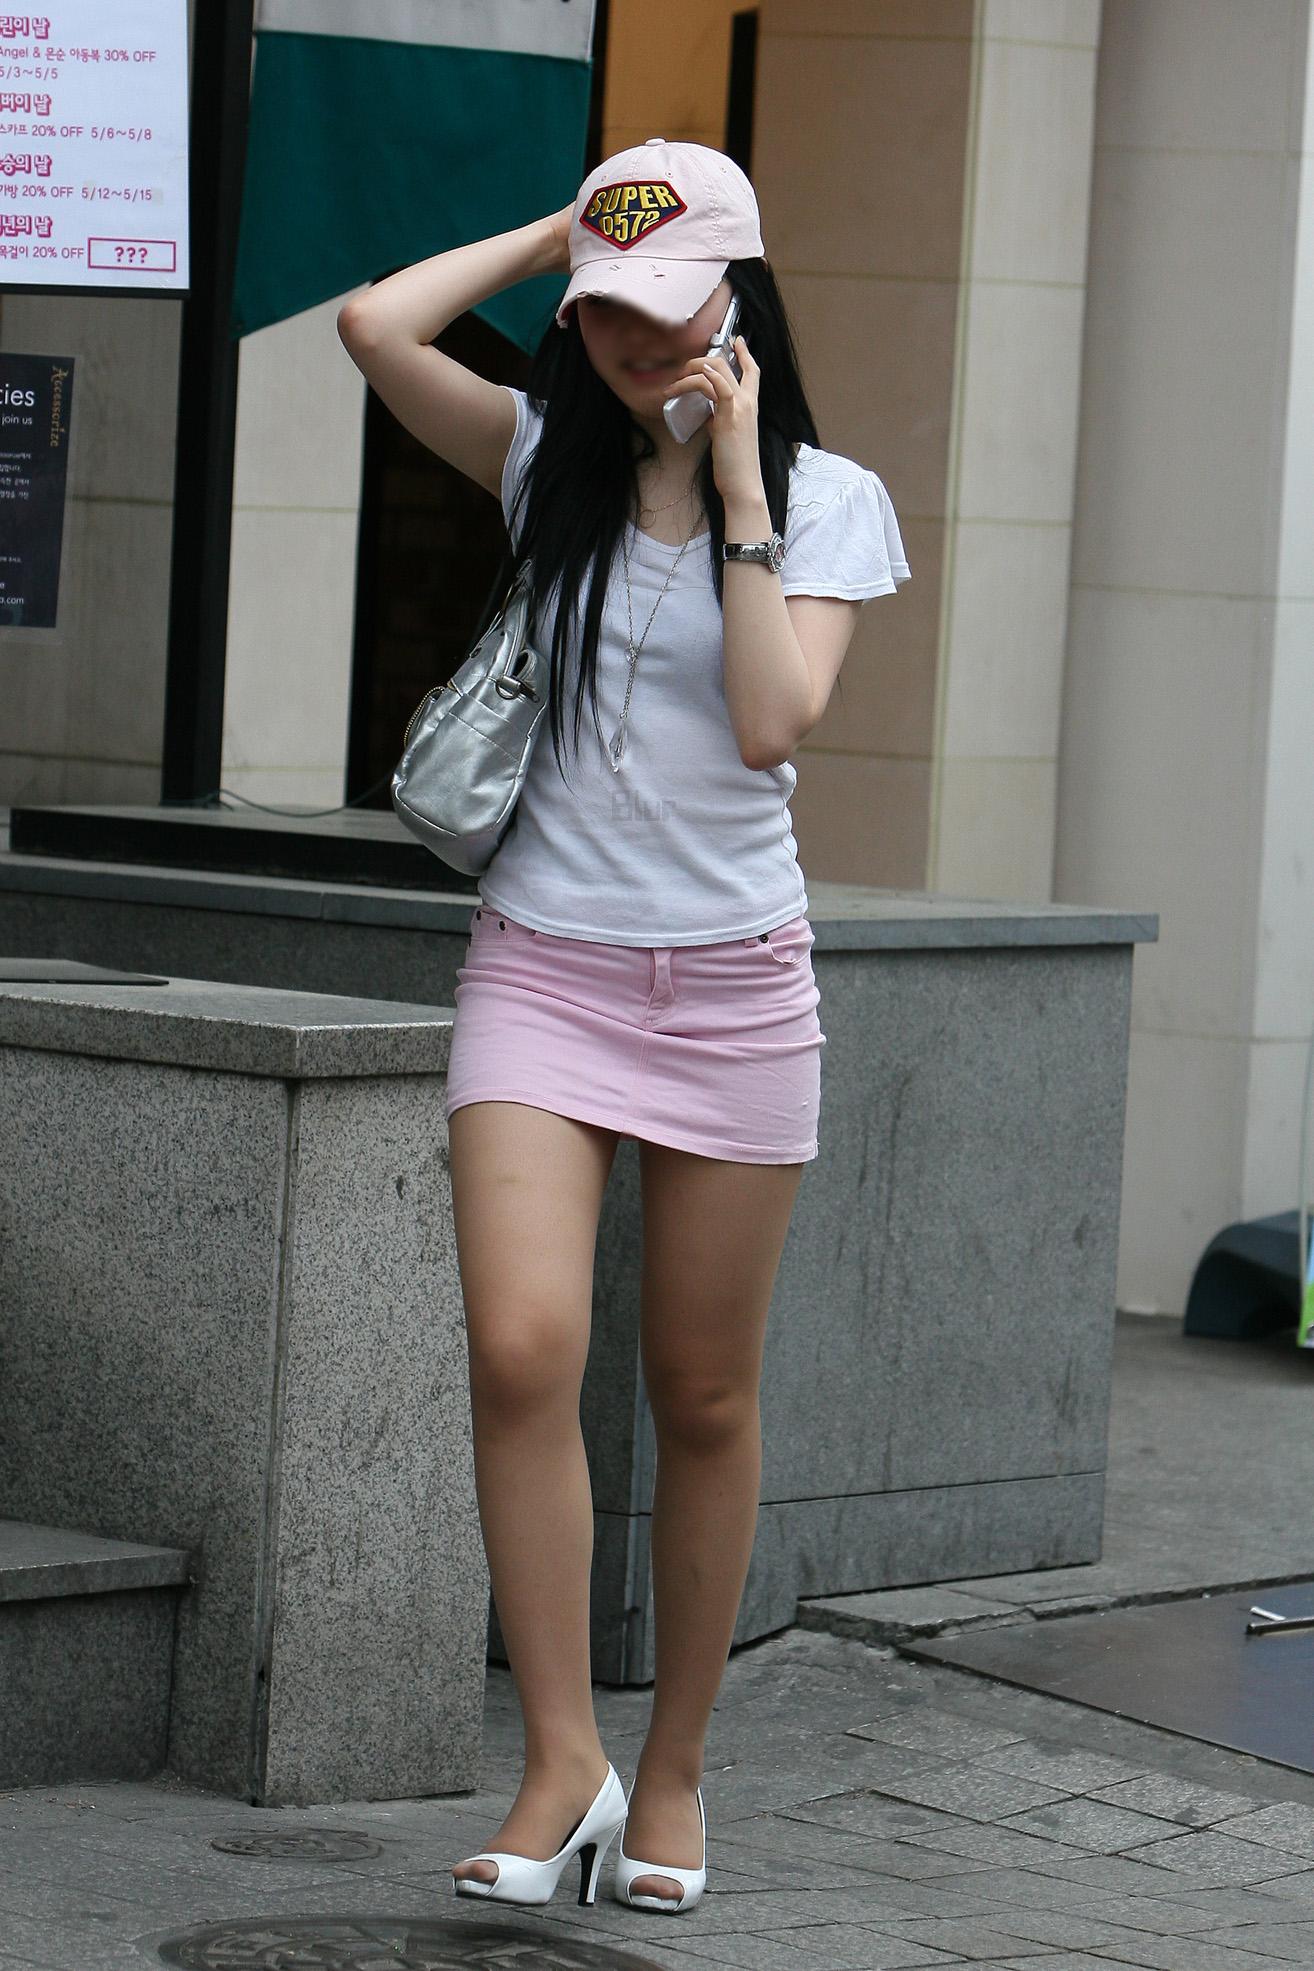 【激写】とどまることを知らない韓国の過激ファッションエロ杉・・・絶句した。(画像35枚)・33枚目